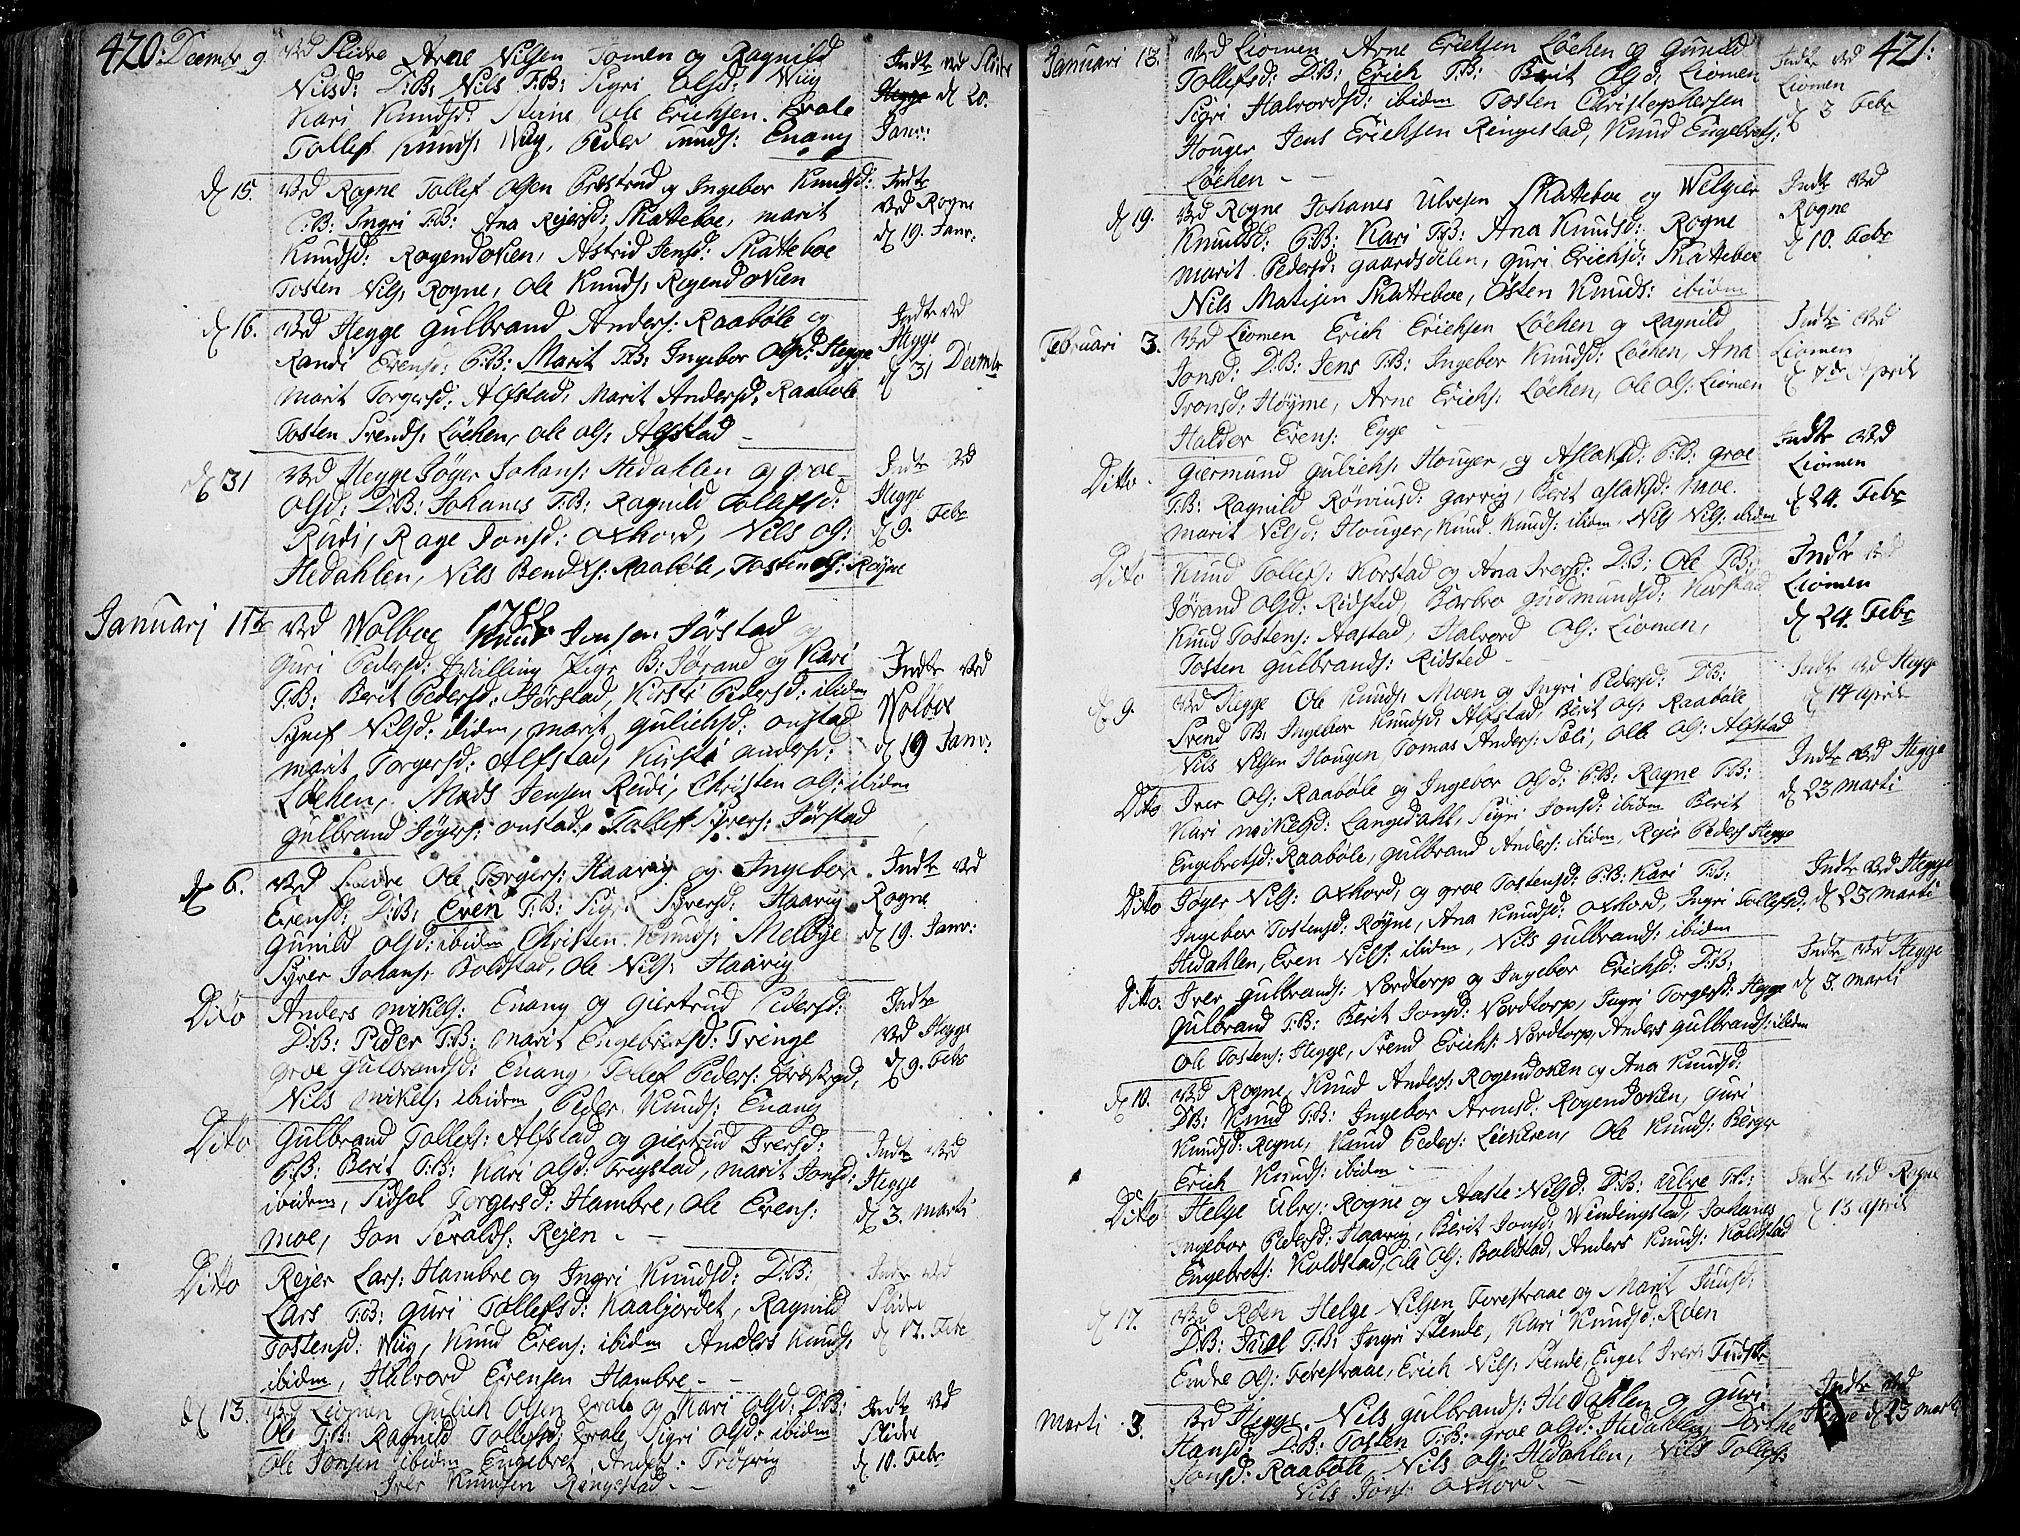 SAH, Slidre prestekontor, Ministerialbok nr. 1, 1724-1814, s. 420-421